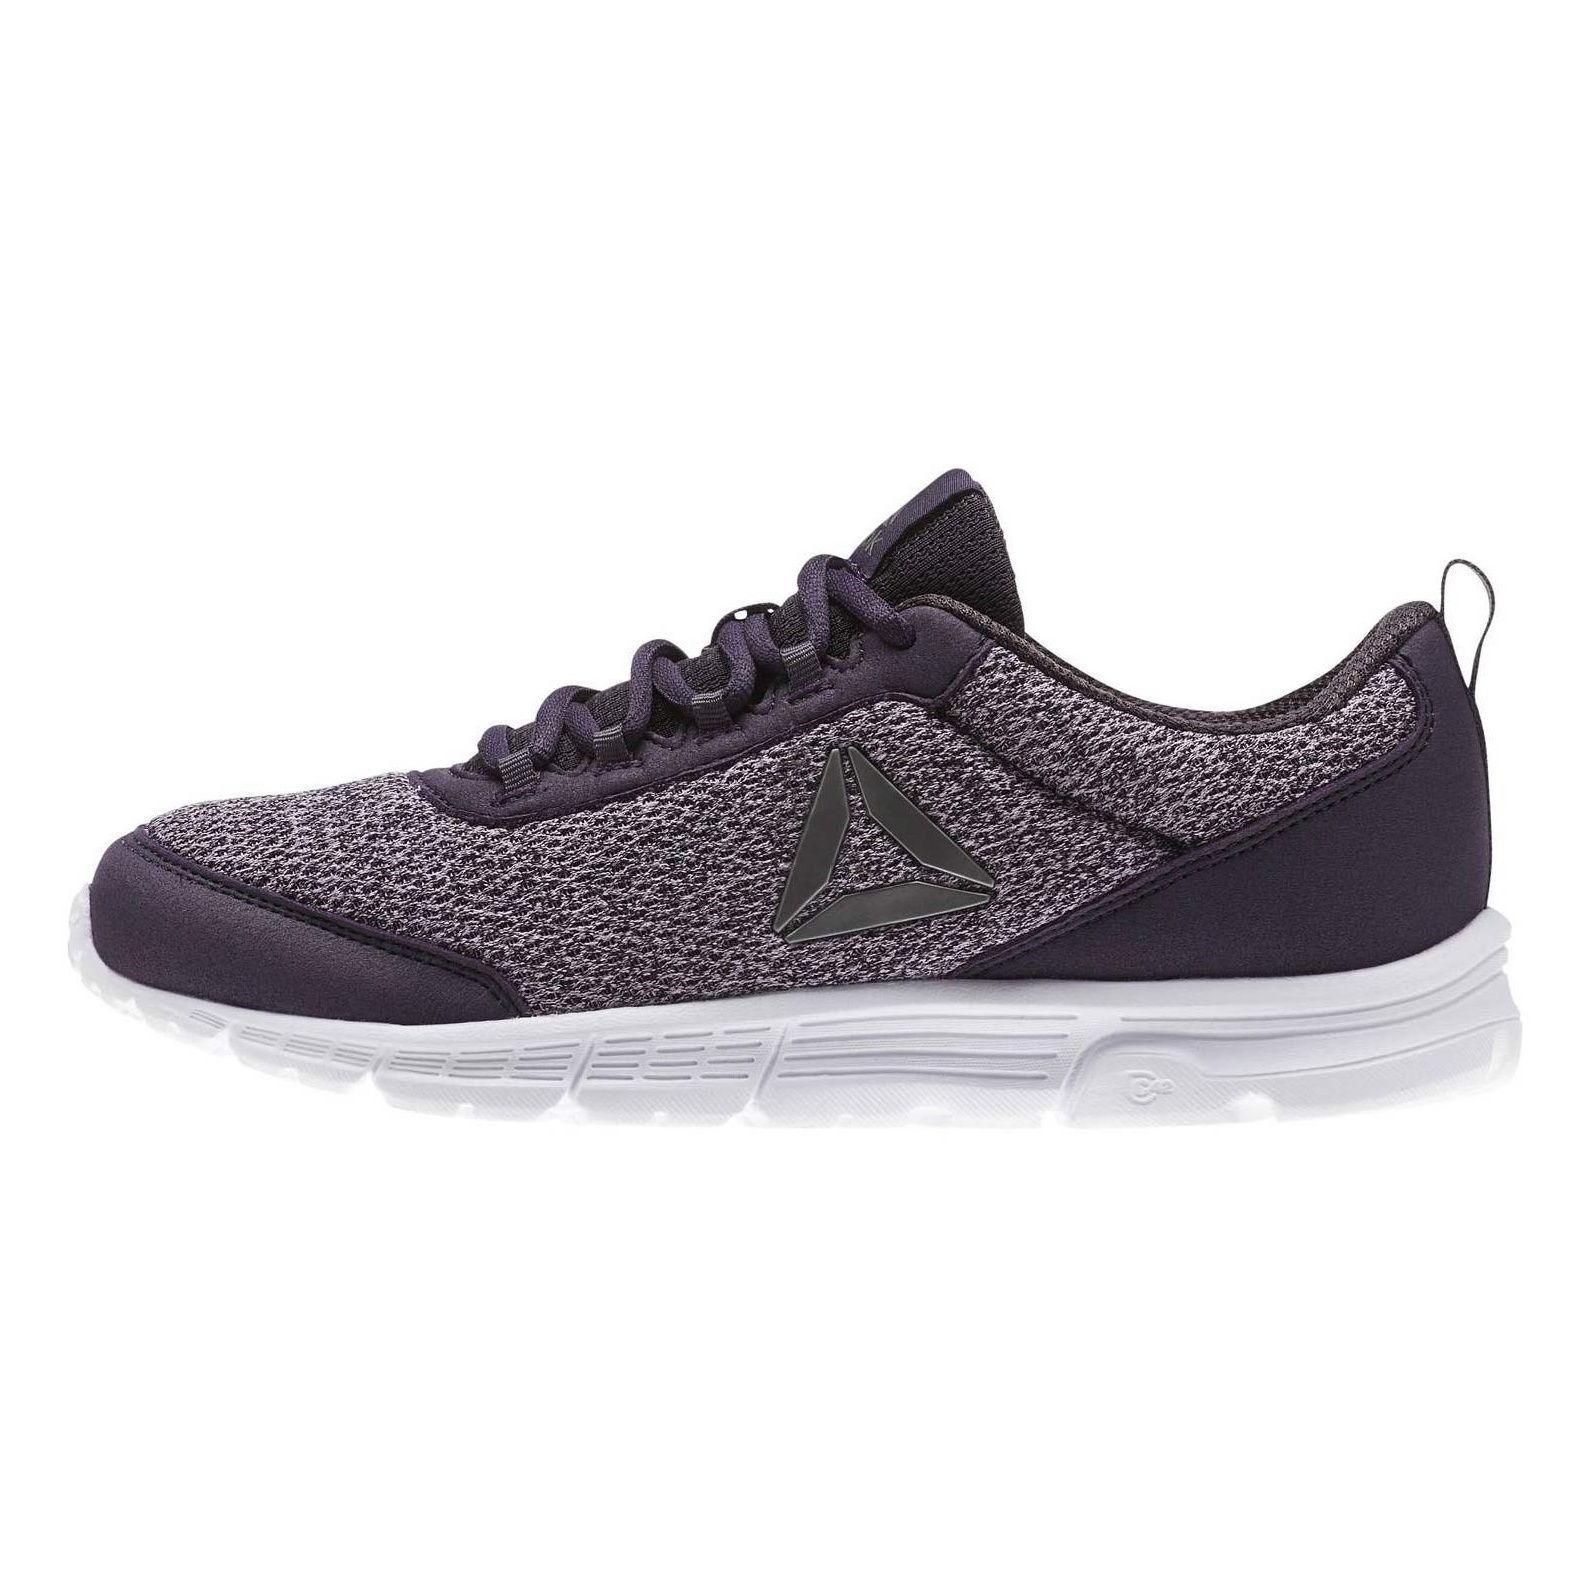 کفش مخصوص دویدن زنانه ریباک مدل Speedlux 3-0 - طوسي - 5